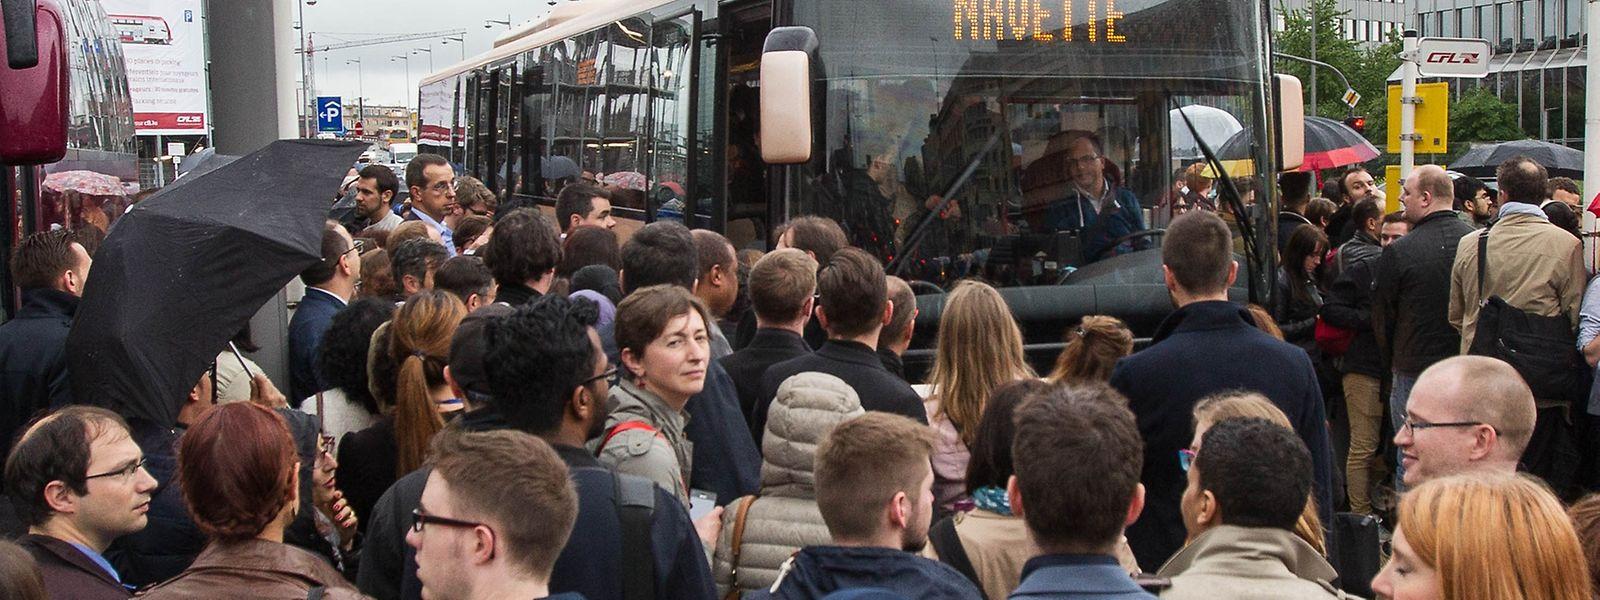 Bis Donnerstag inklusive müssen Bahnnutzer zwischen Frankreich und Luxemburg mit Störungen rechnen.